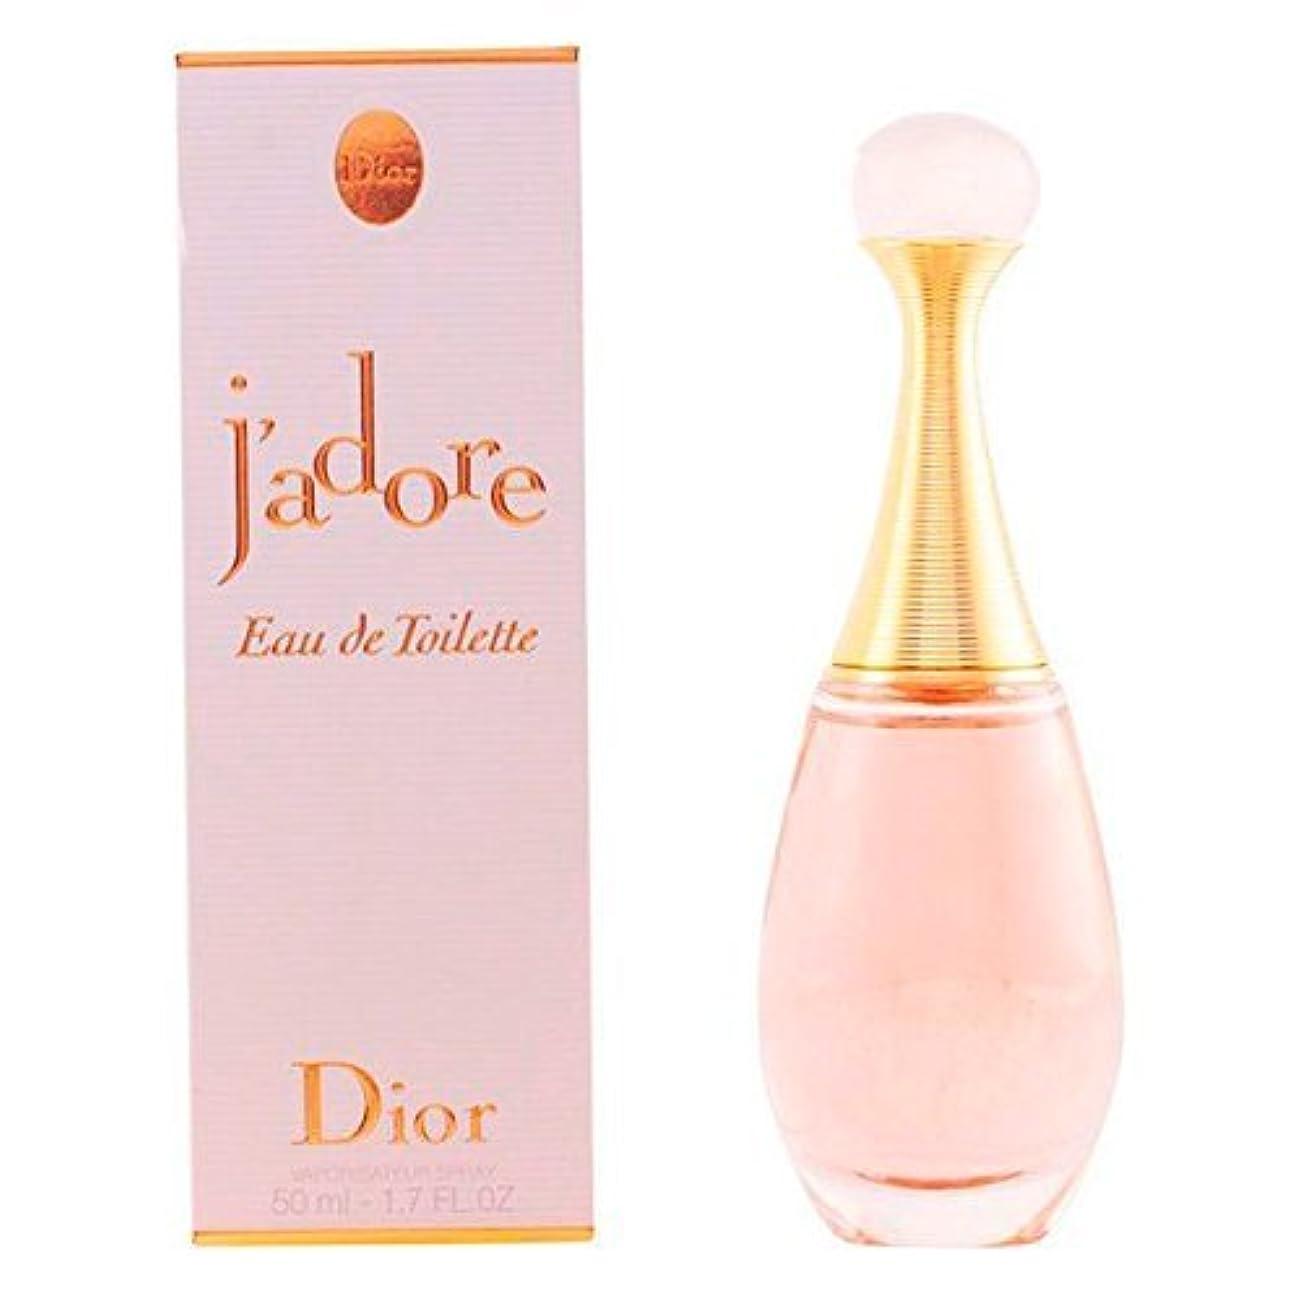 告白する自分先生クリスチャン ディオール(Christian Dior) ジャドール オー ルミエール EDT SP 50ml[並行輸入品]